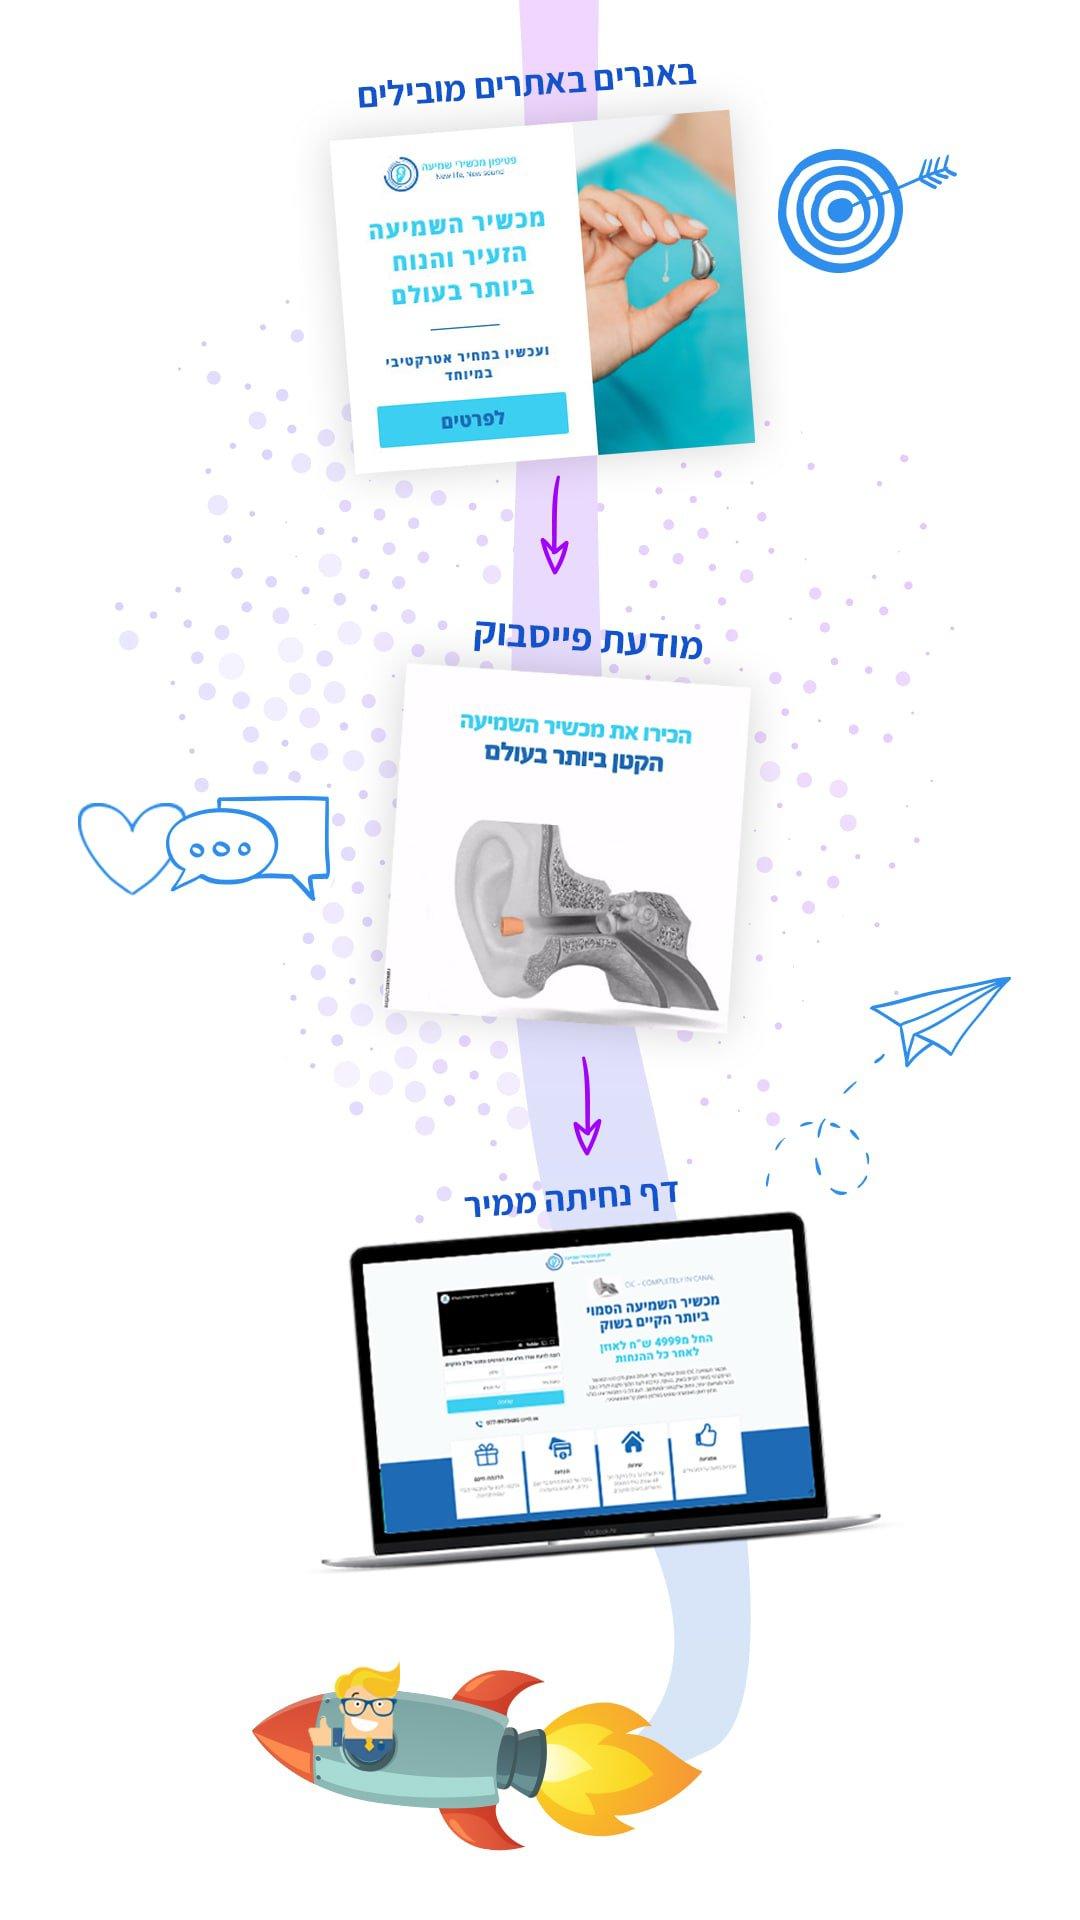 קמפיין לידים - חברה לבניית אתרים 2